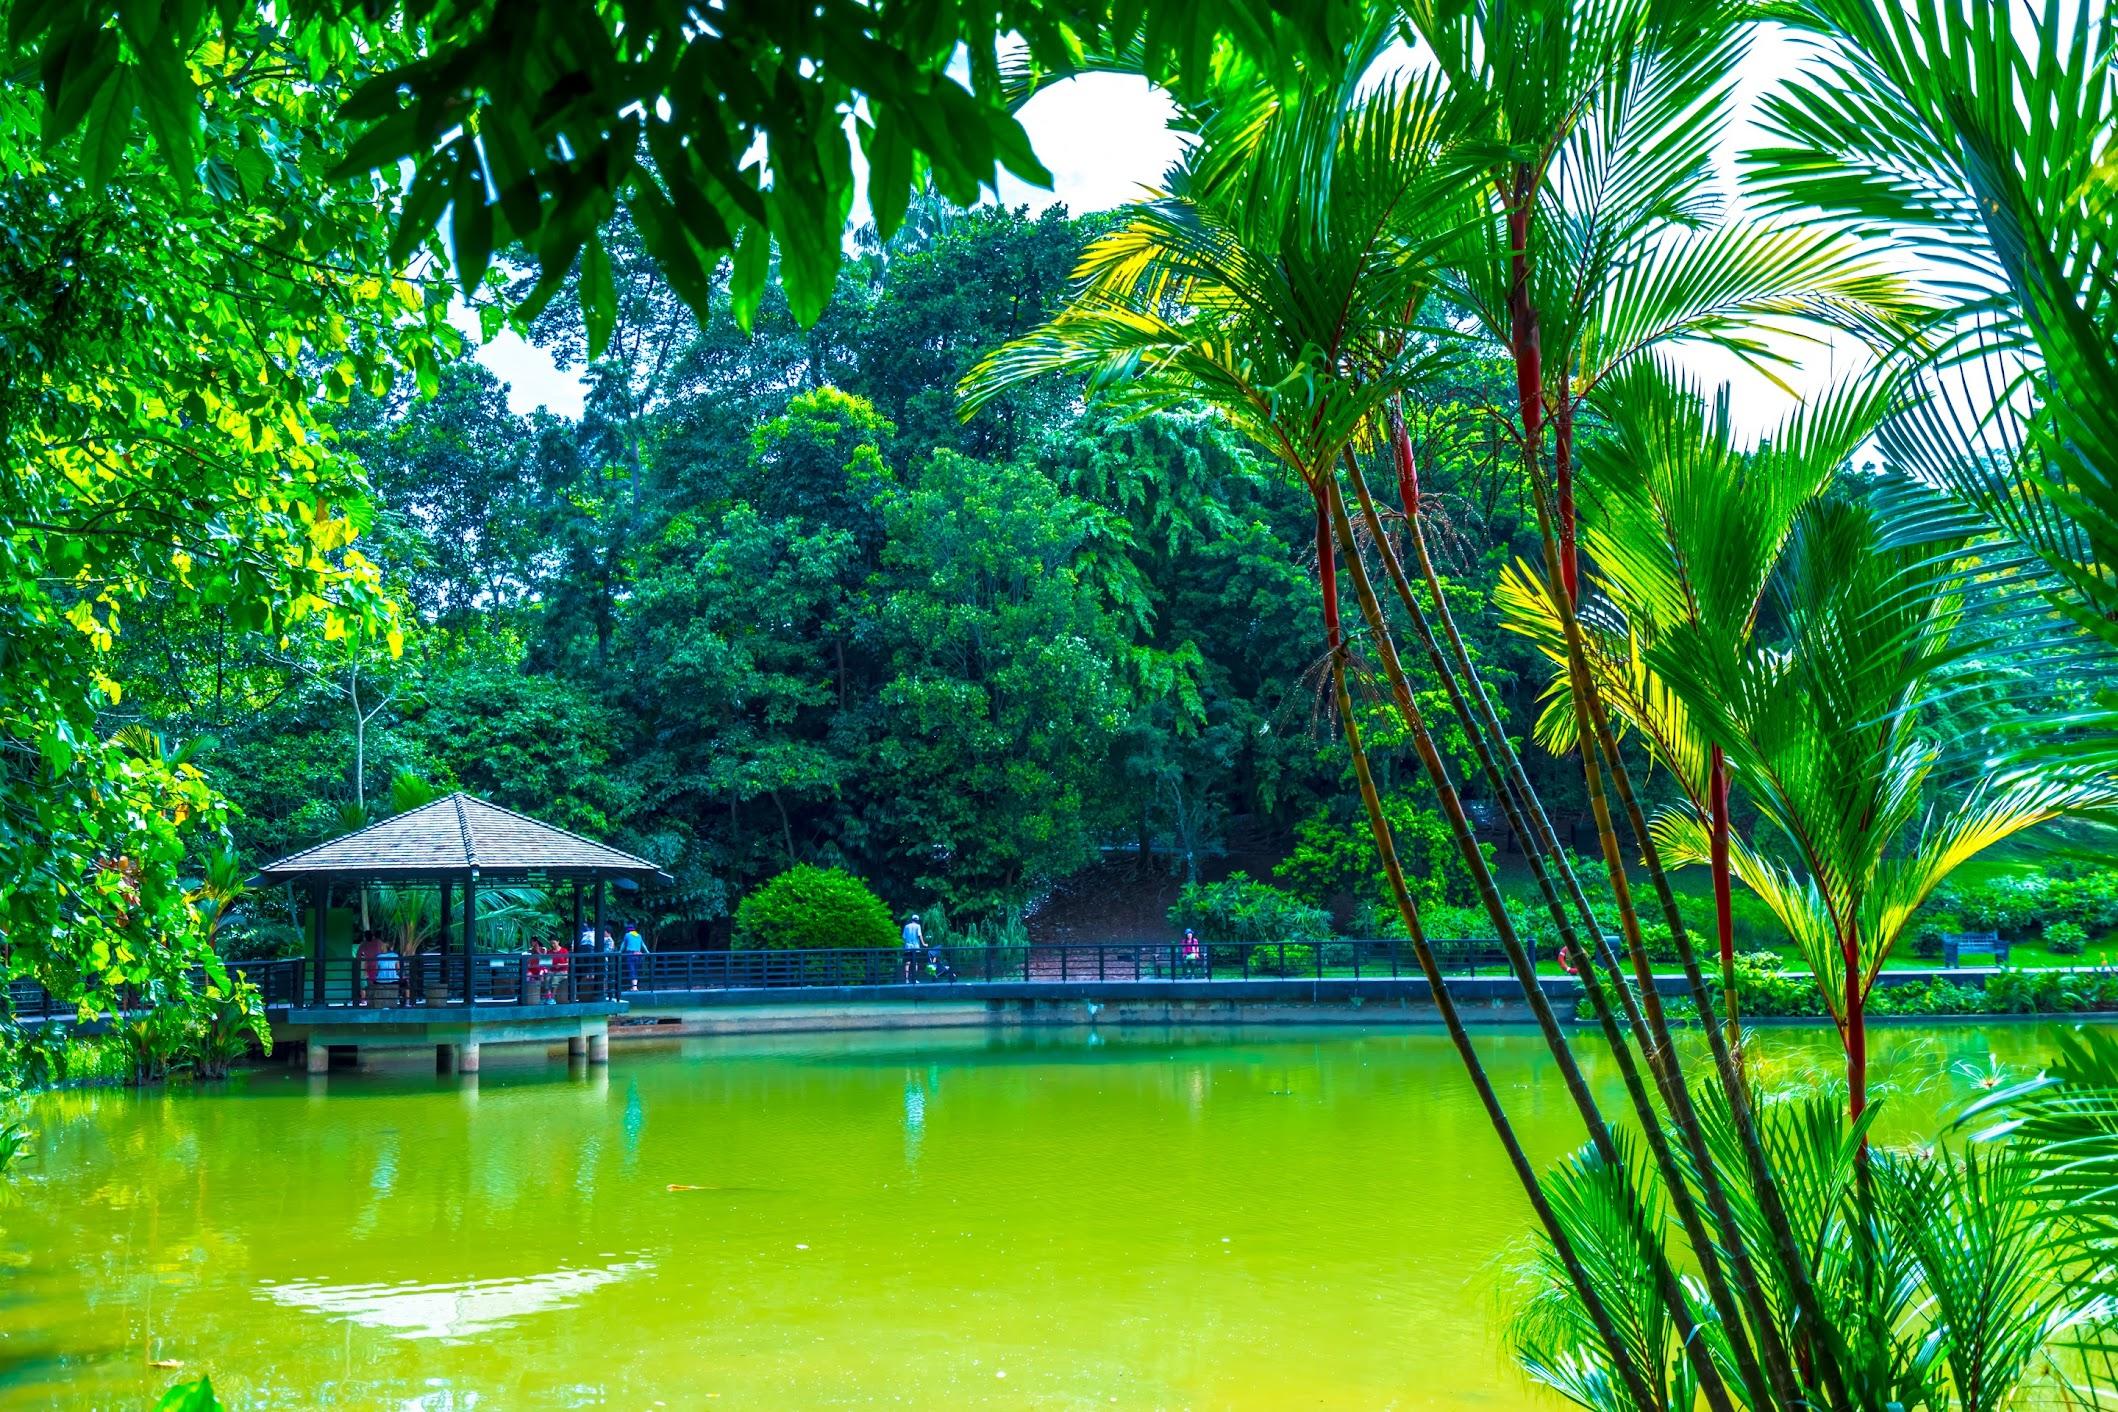 Singapore Botanic Gardens Symphony Lake1